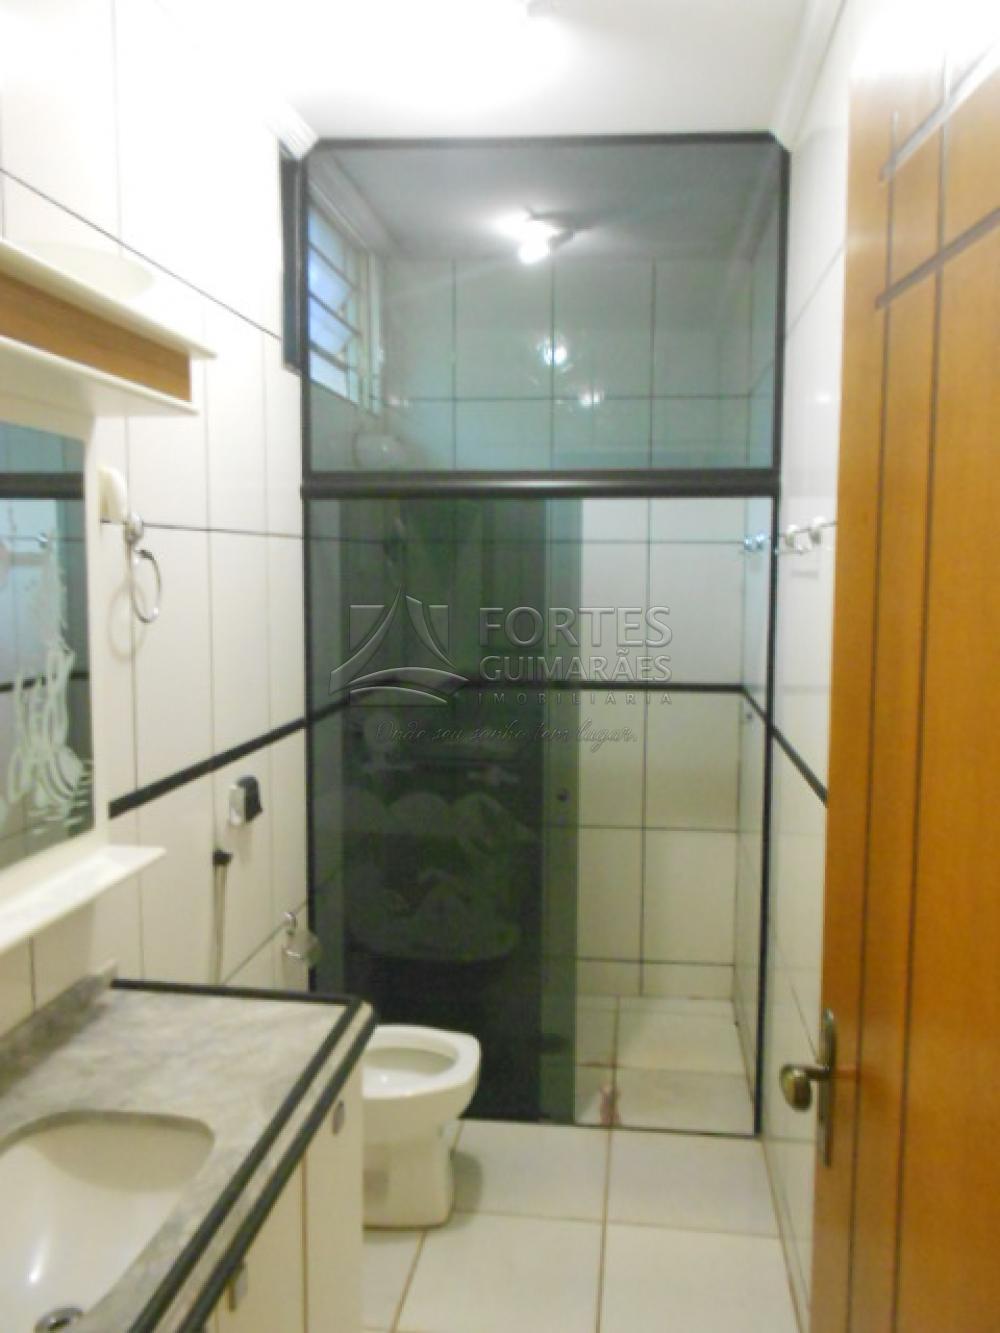 Alugar Casas / Padrão em Ribeirão Preto apenas R$ 1.500,00 - Foto 28